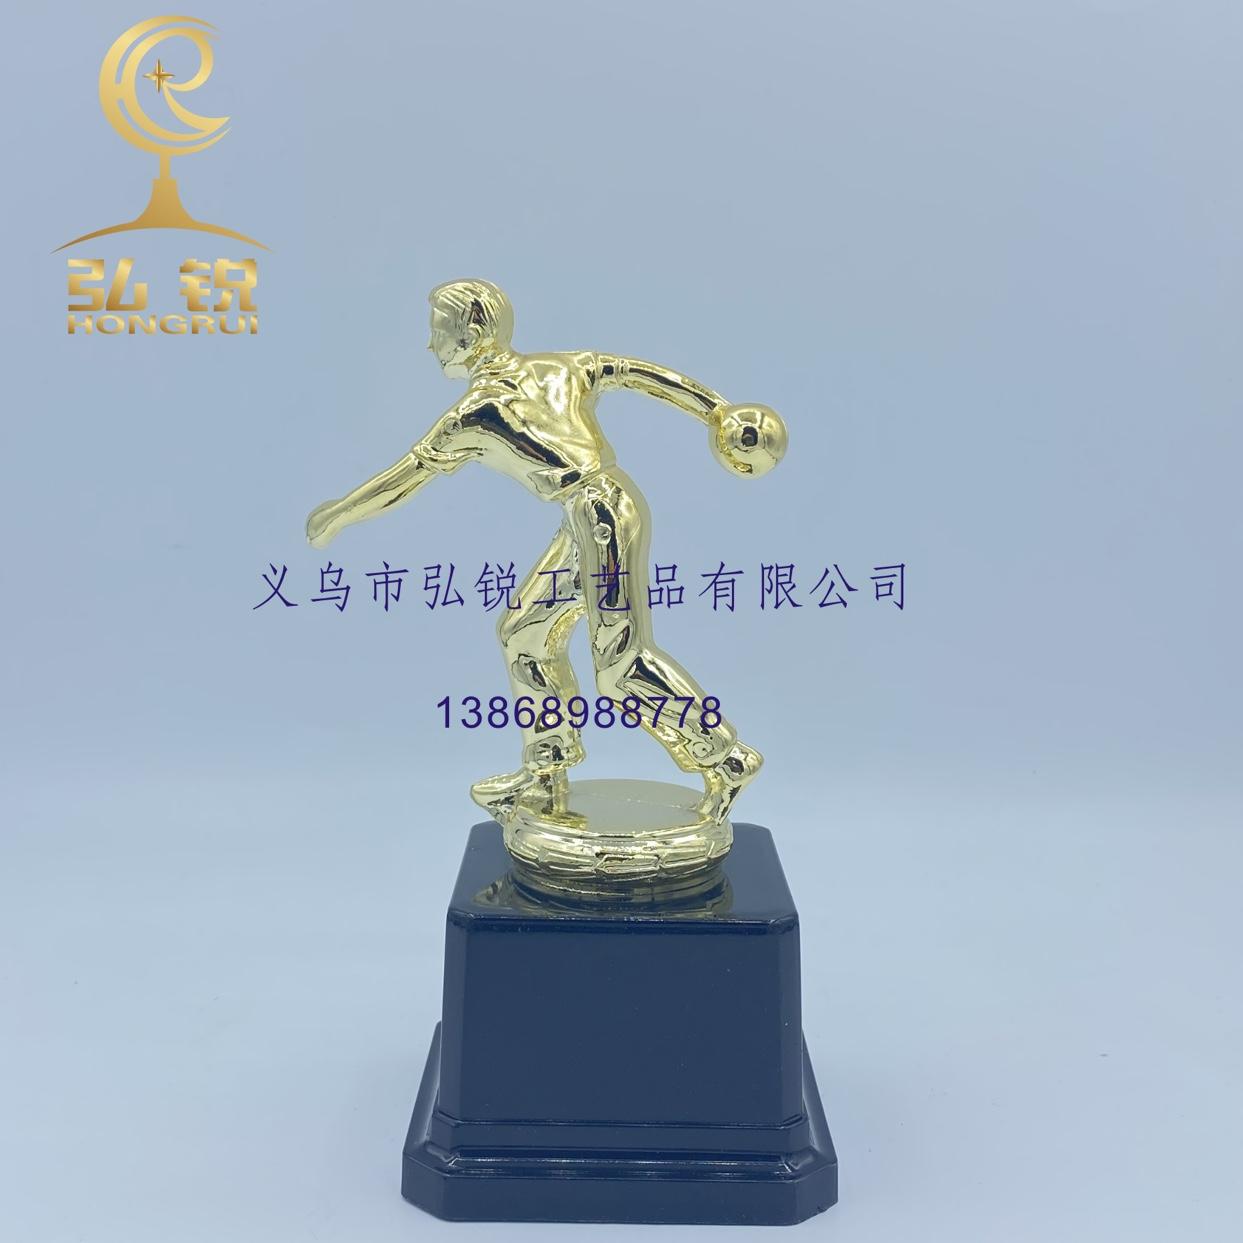 保龄球人像奖杯塑料奖杯小朋友比赛奖励奖品可定制logo